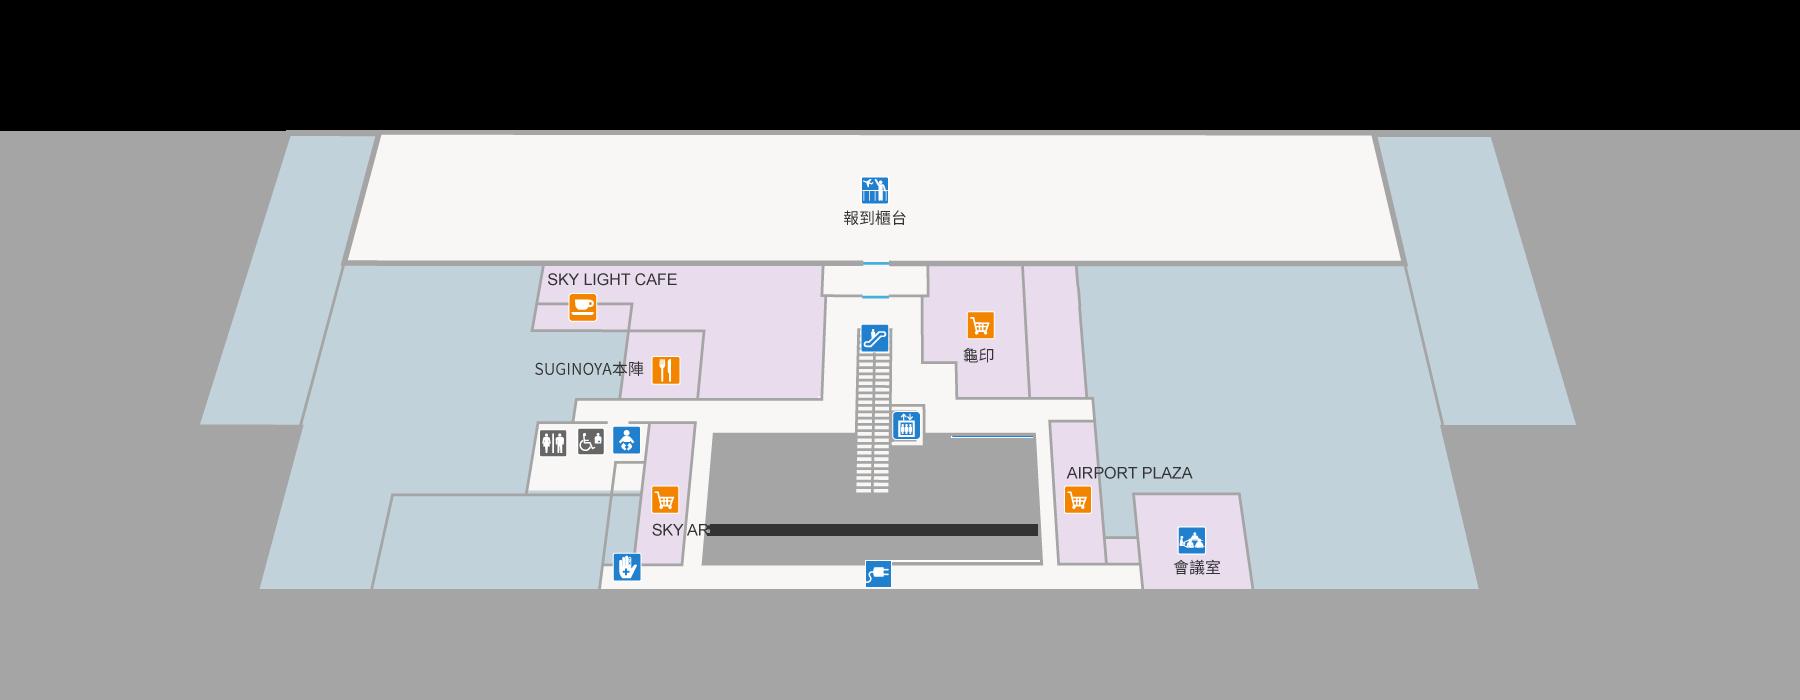 ターミナルビル2F(繁体字)